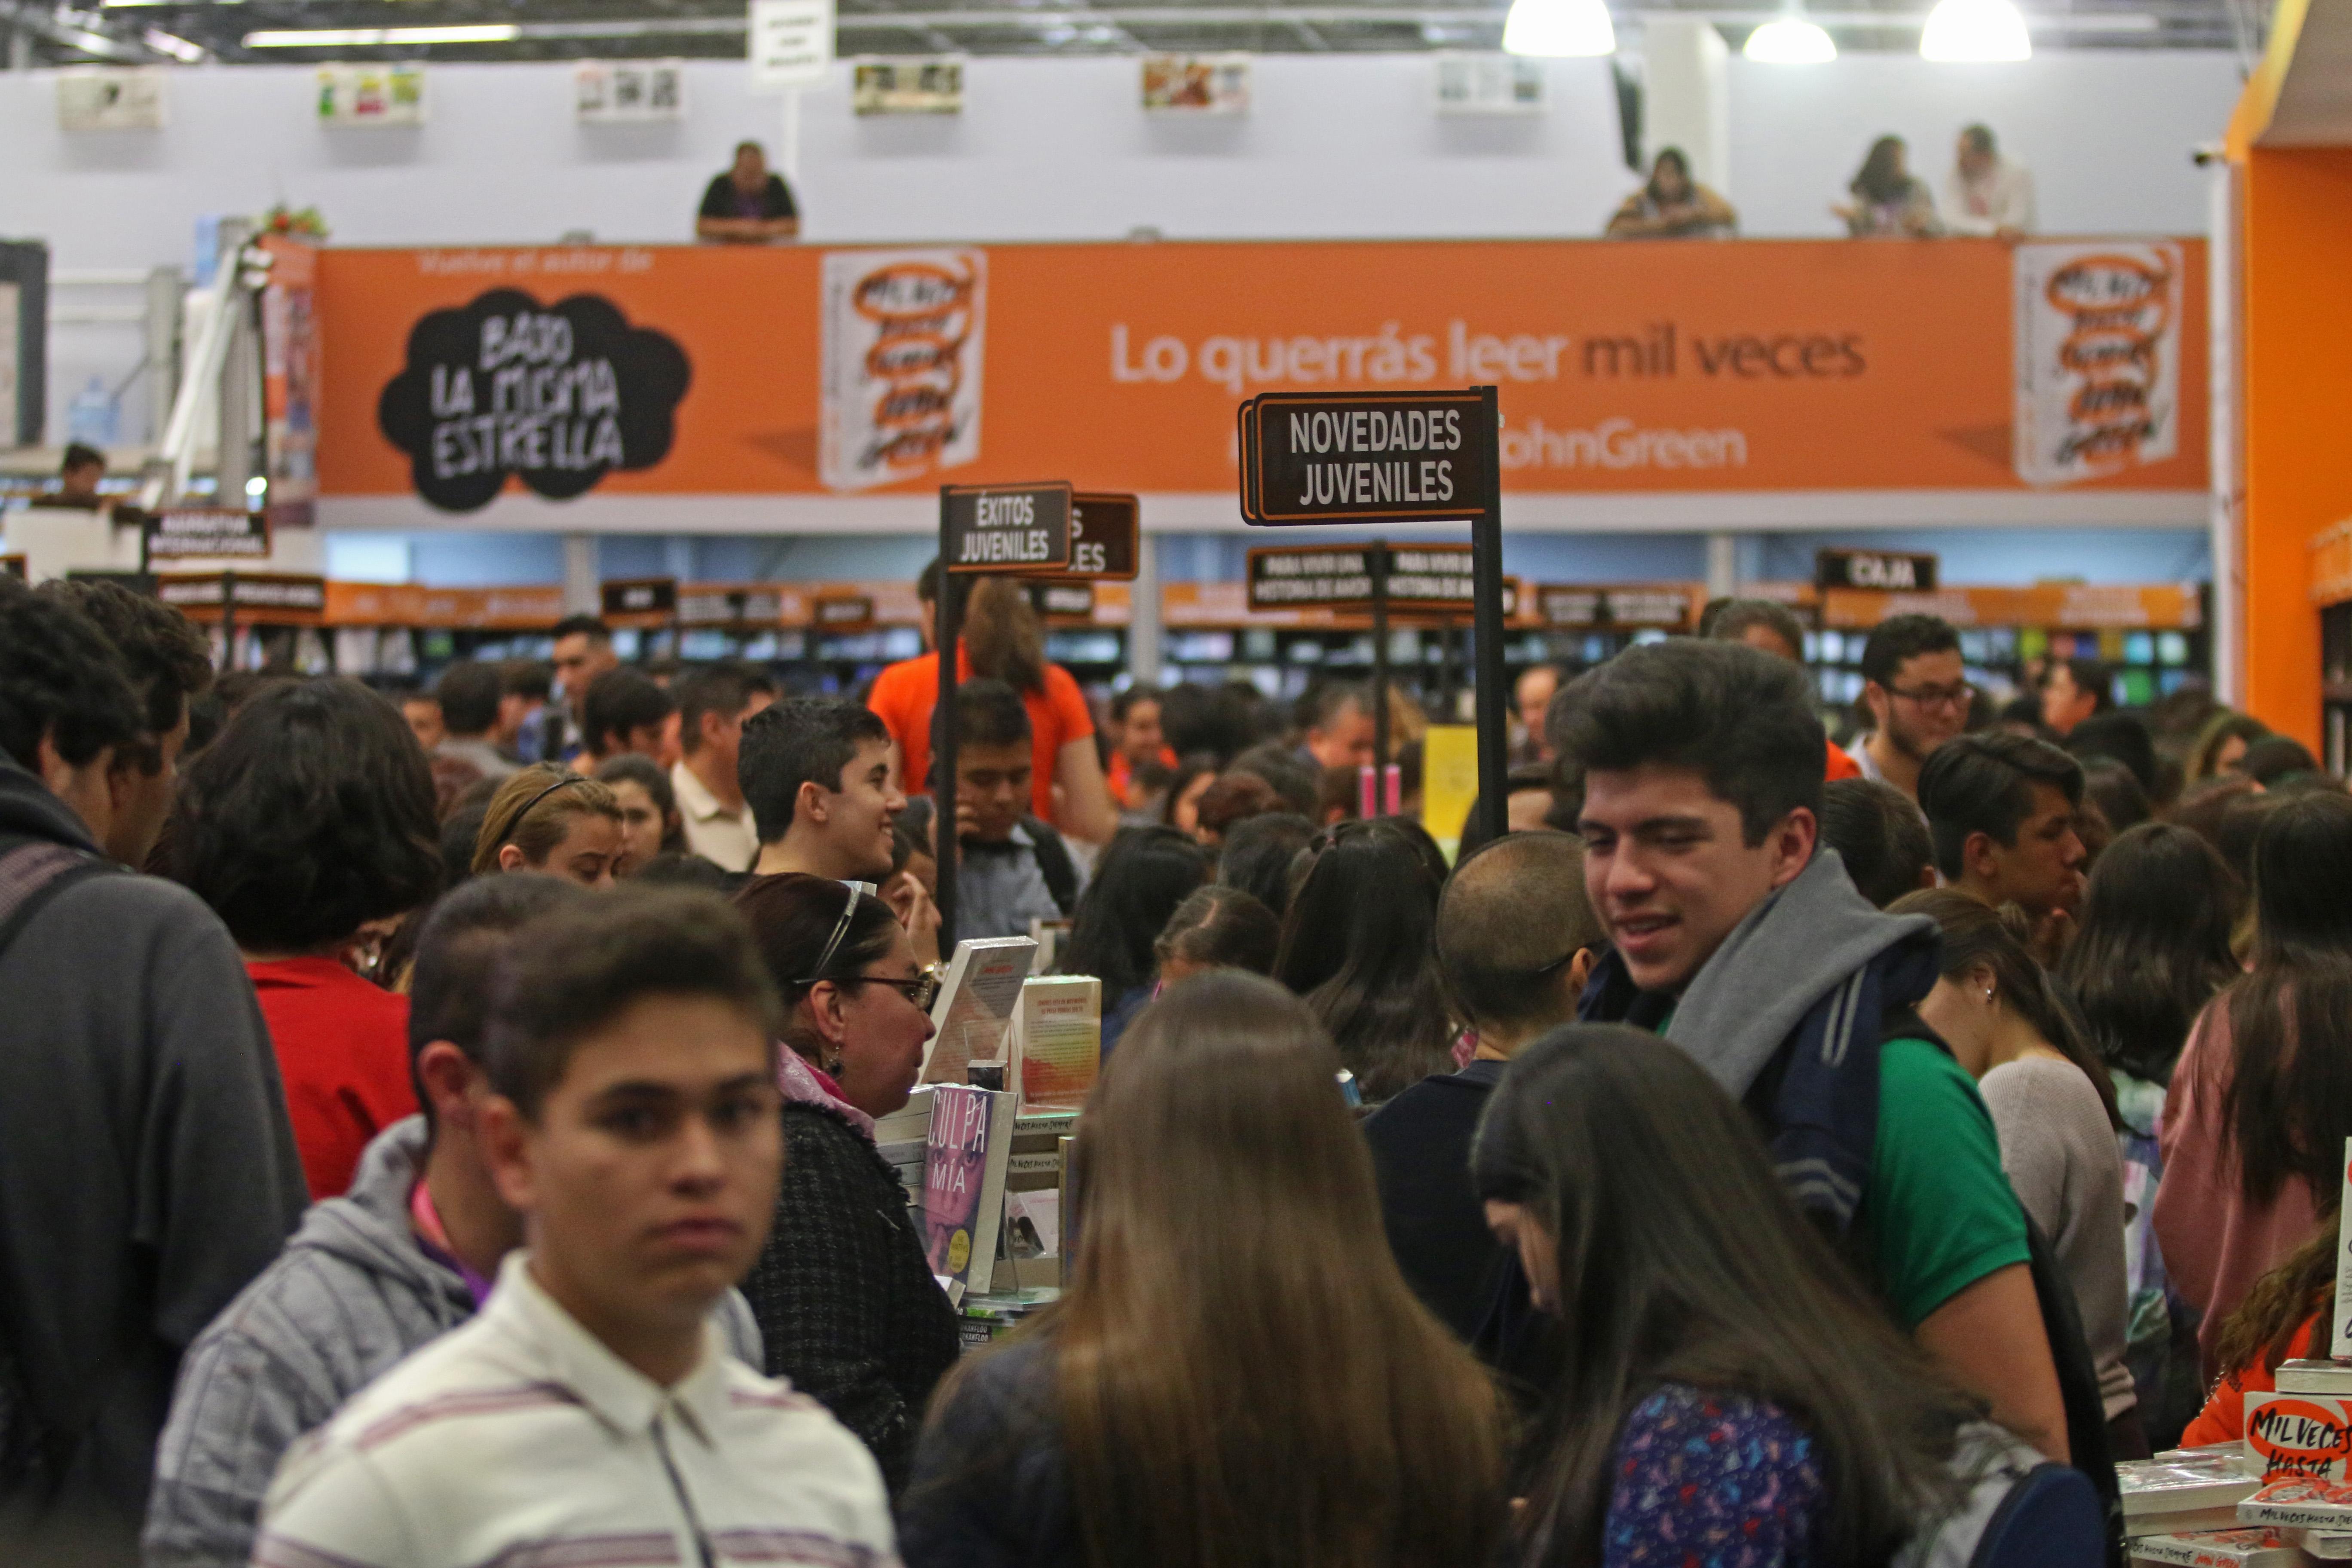 23112018-GUADALAJARA, JALISCO, 01NOVIEMBRE2017.- Esta tarde en los pasillos de la feria se pudo observar una buena afluencia de personas, esto en el marco de la edición 31 de la Feria Internacional del Libro de Guadalajara (FIL), que se lleva a cabo en las instalaciones de la Expo y en donde el invitado de Honor es Madrid. FOTO: FERNANDO CARRANZA GARCIA / CUARTOSCURO.COM